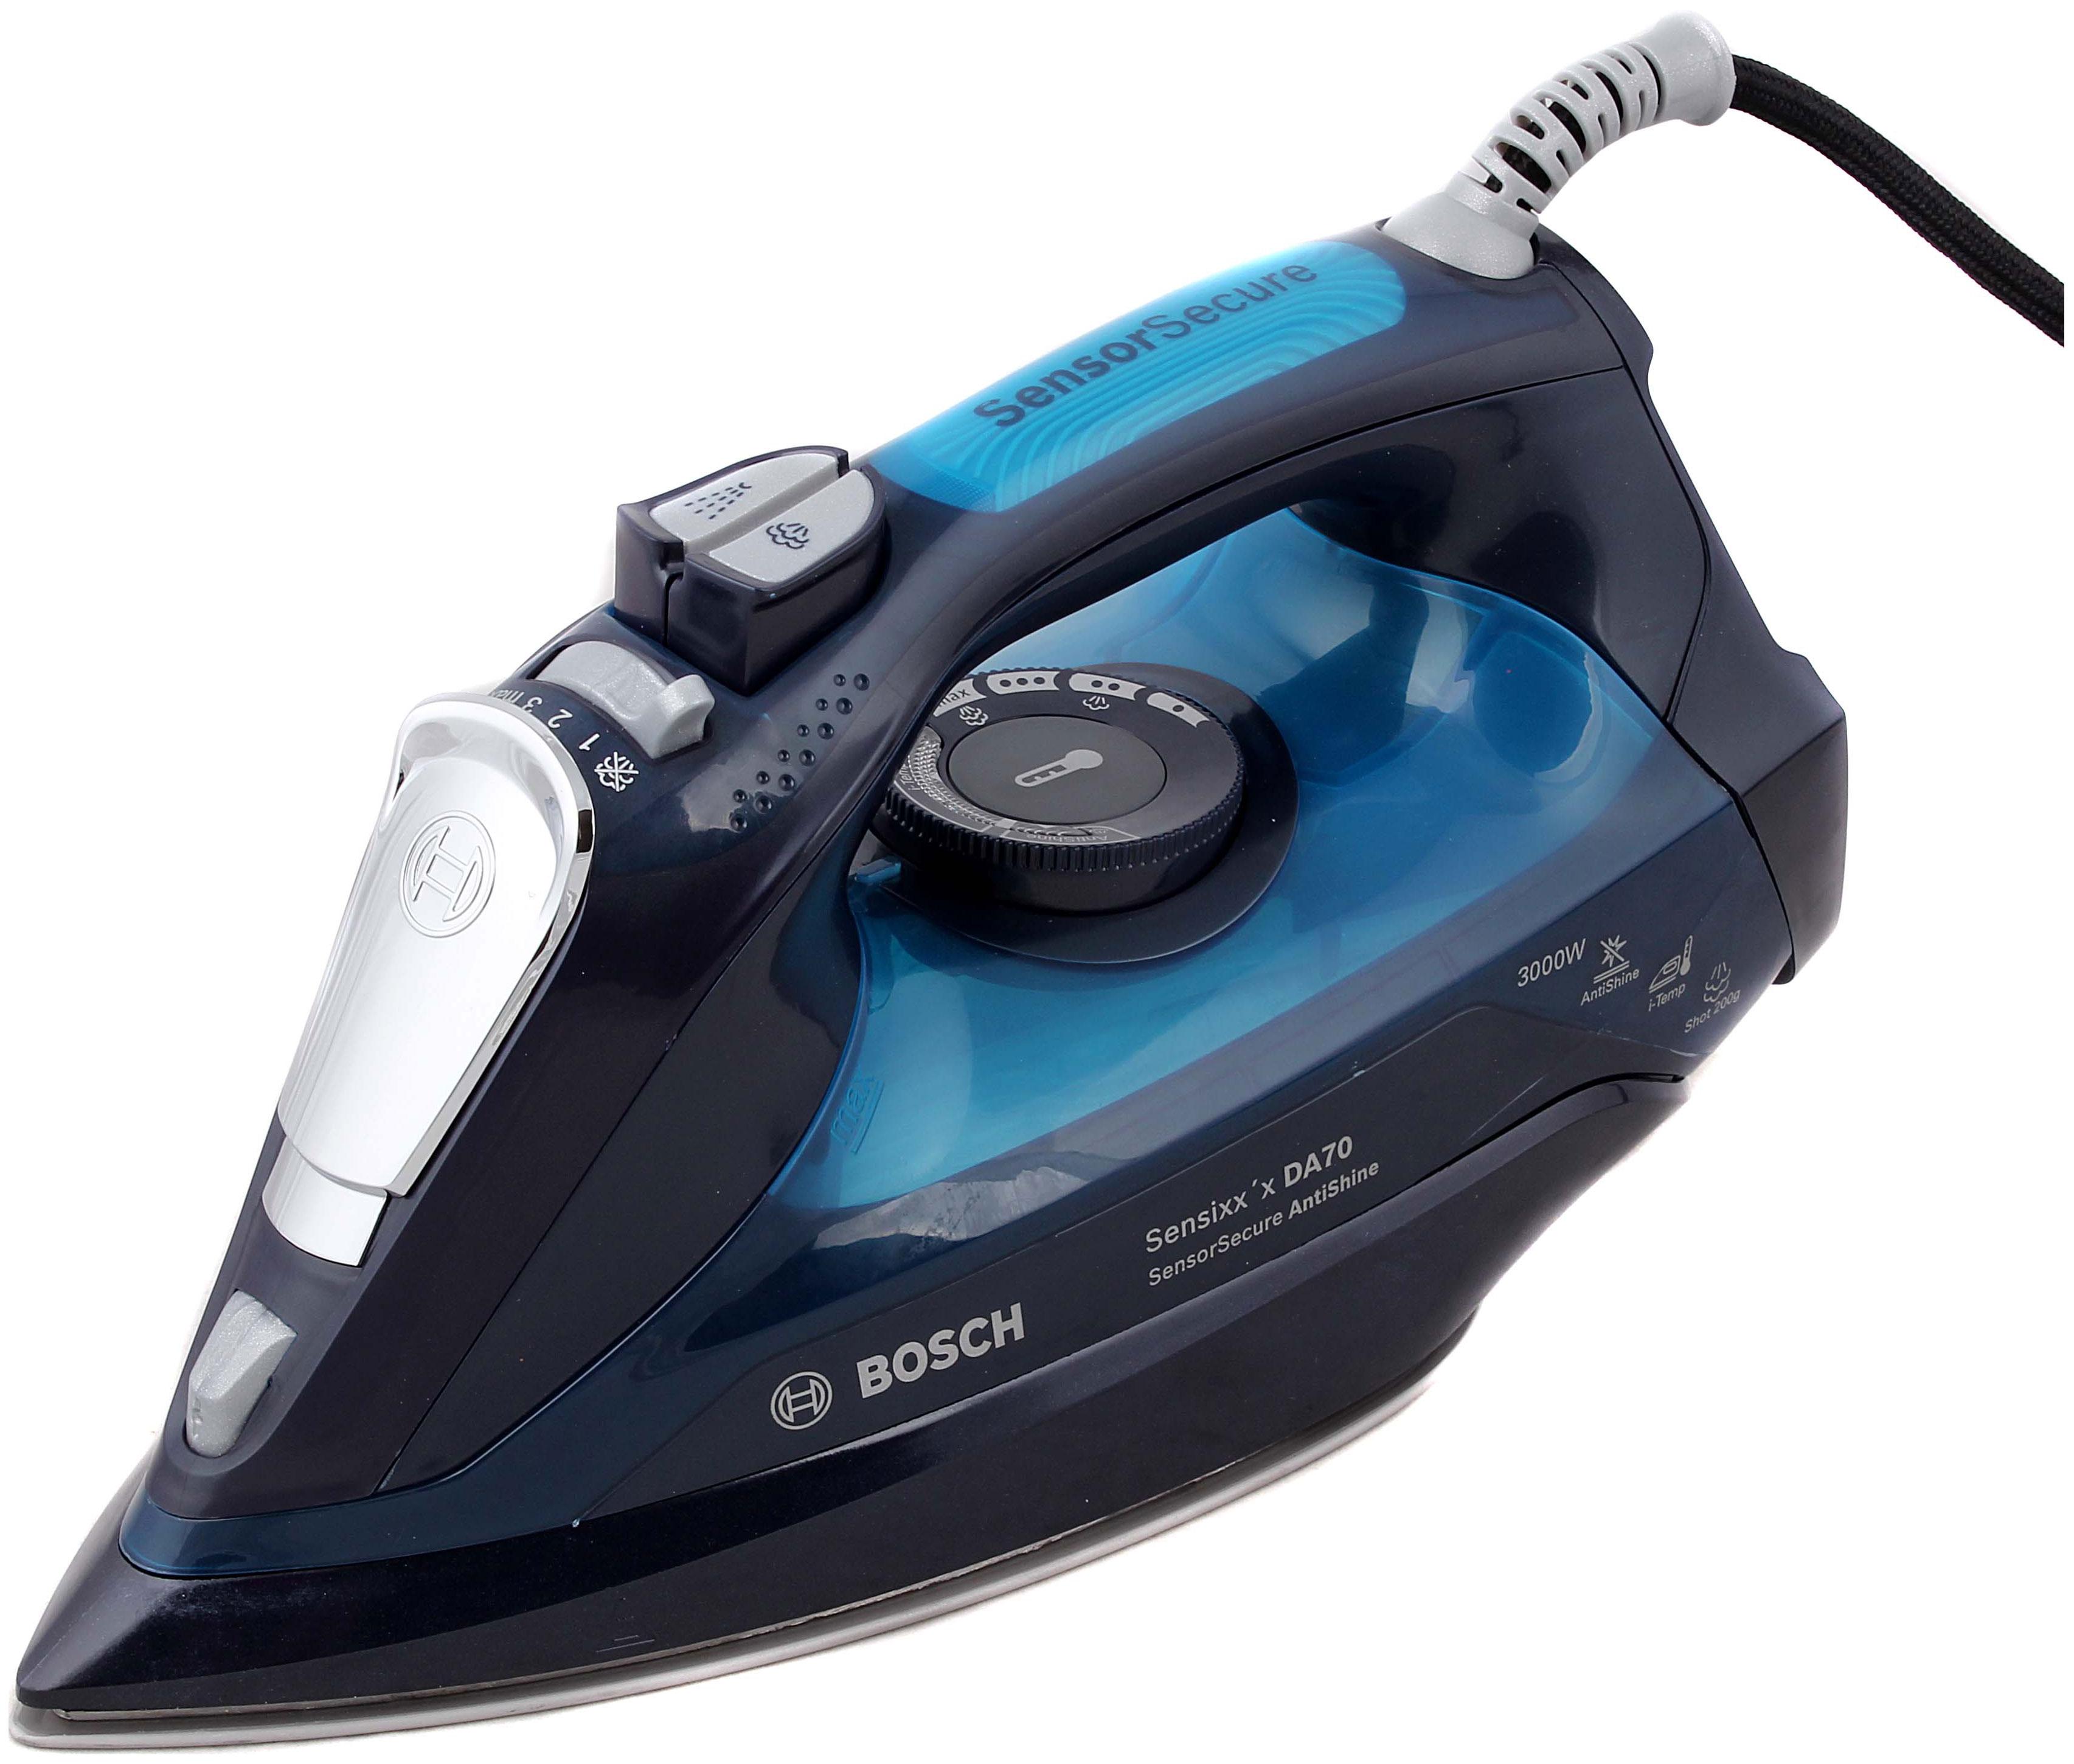 Утюг Bosch sensixx`x TDA703021A Blue